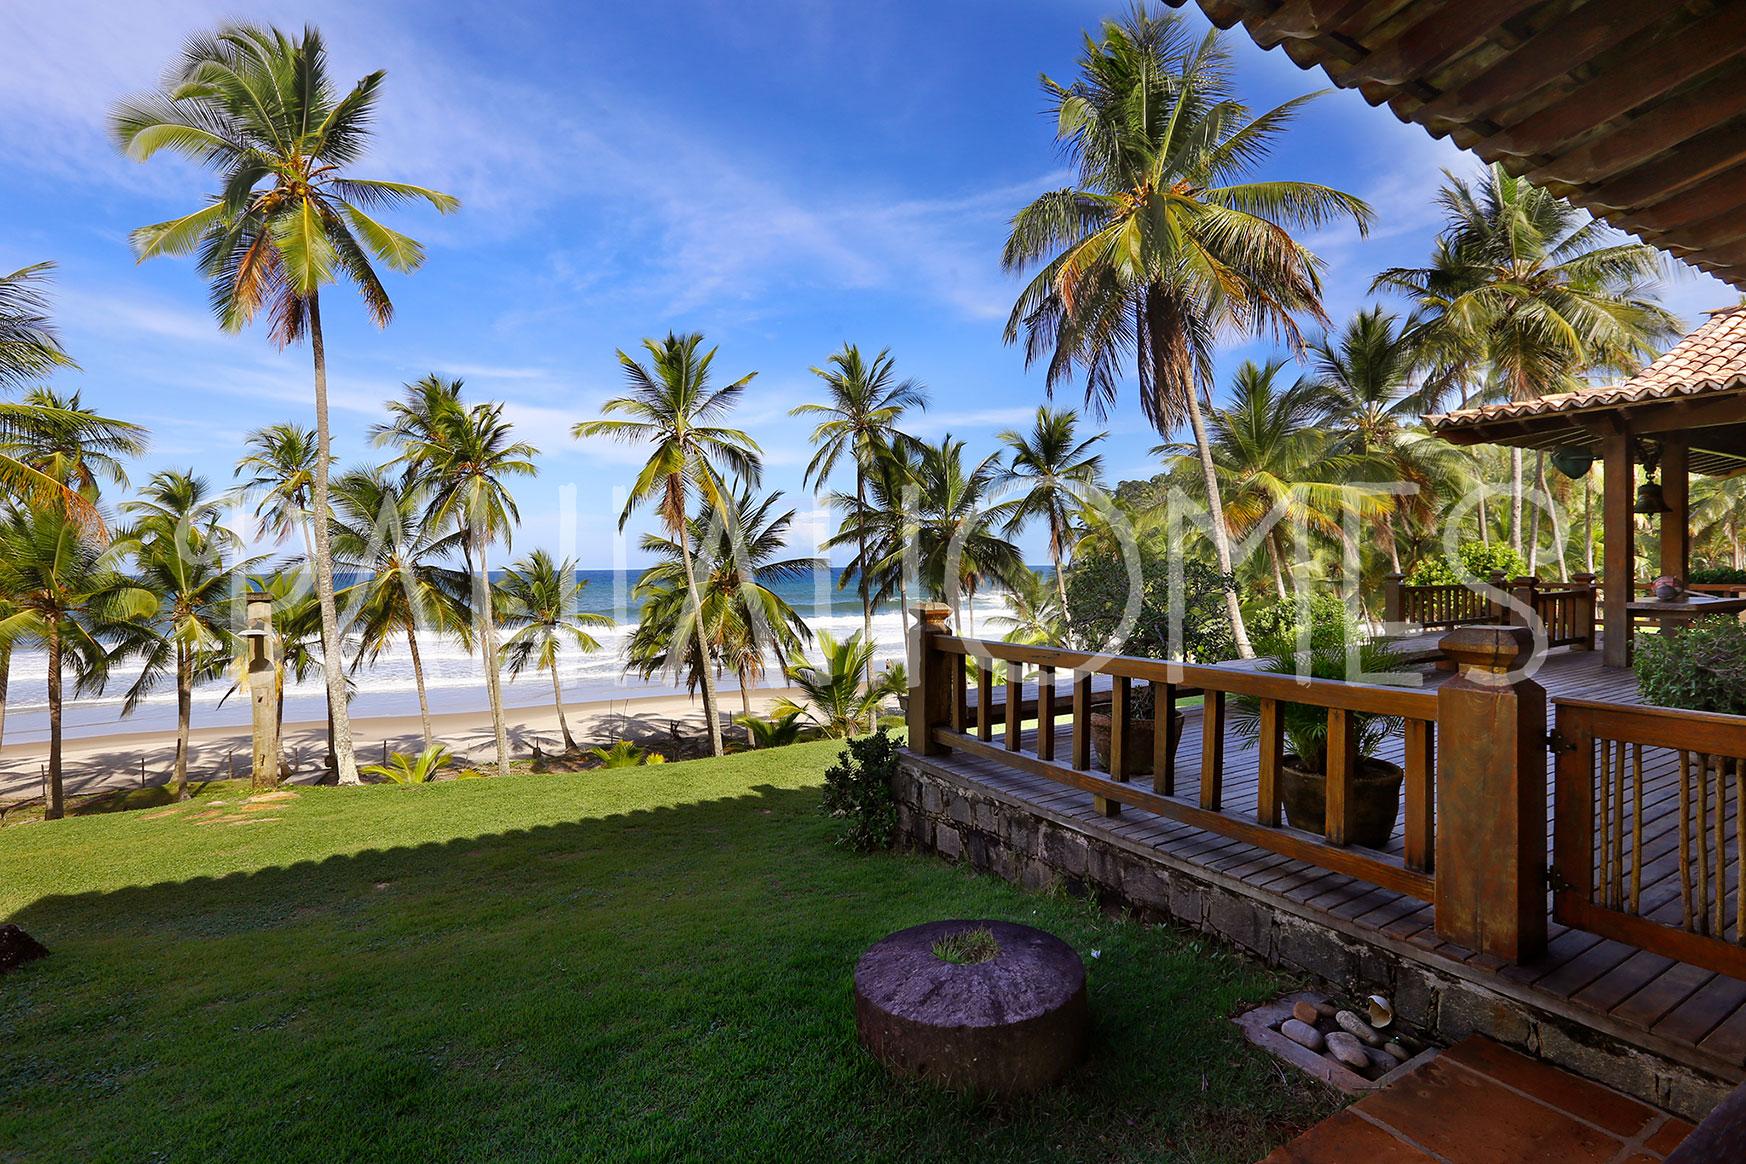 Réveillon na Bahia Conheça as melhores casas para alugar na regi u00e3o Bahia Homes -> Decoração De Reveillon Na Fazenda